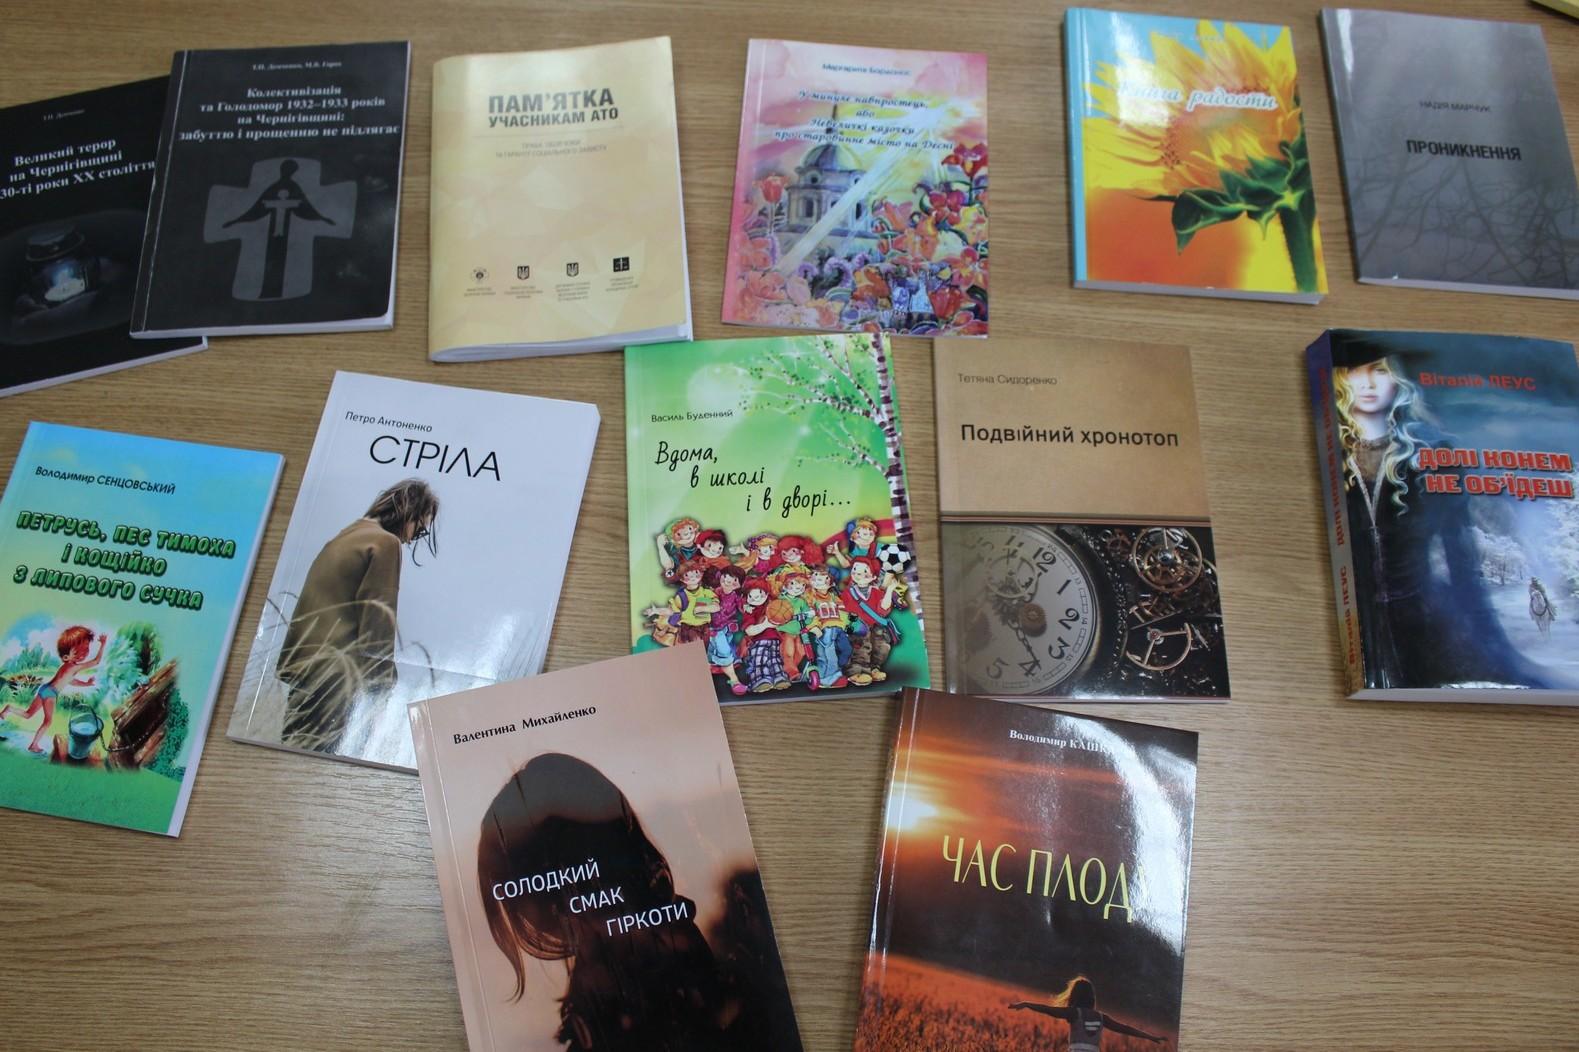 Knyhy 2017 roku